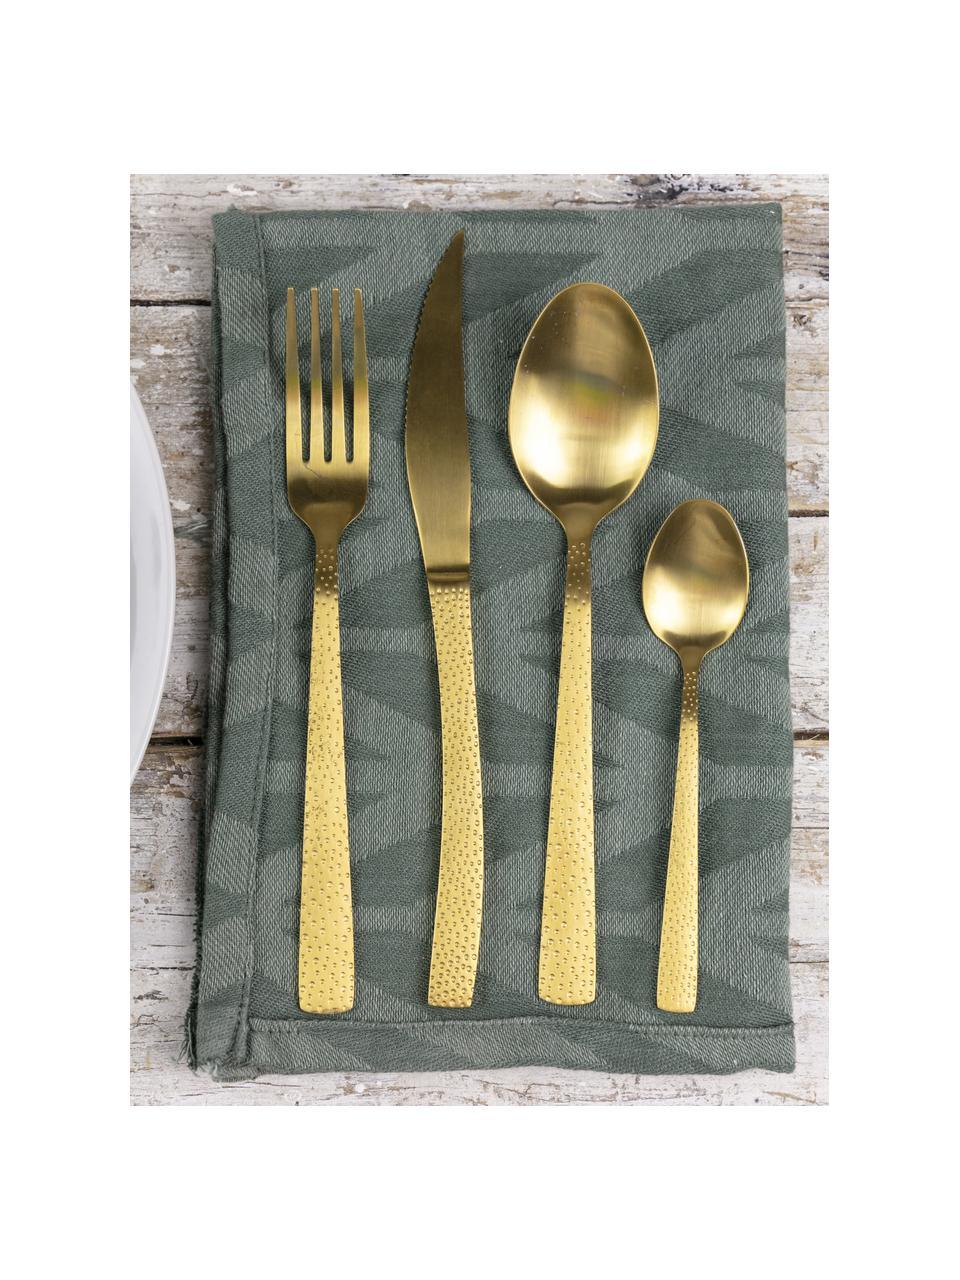 Set 24 posate dorate con manici martellati per 6 persone Posate, Manico: acciaio inossidabile mart, Dorato, Set in varie misure